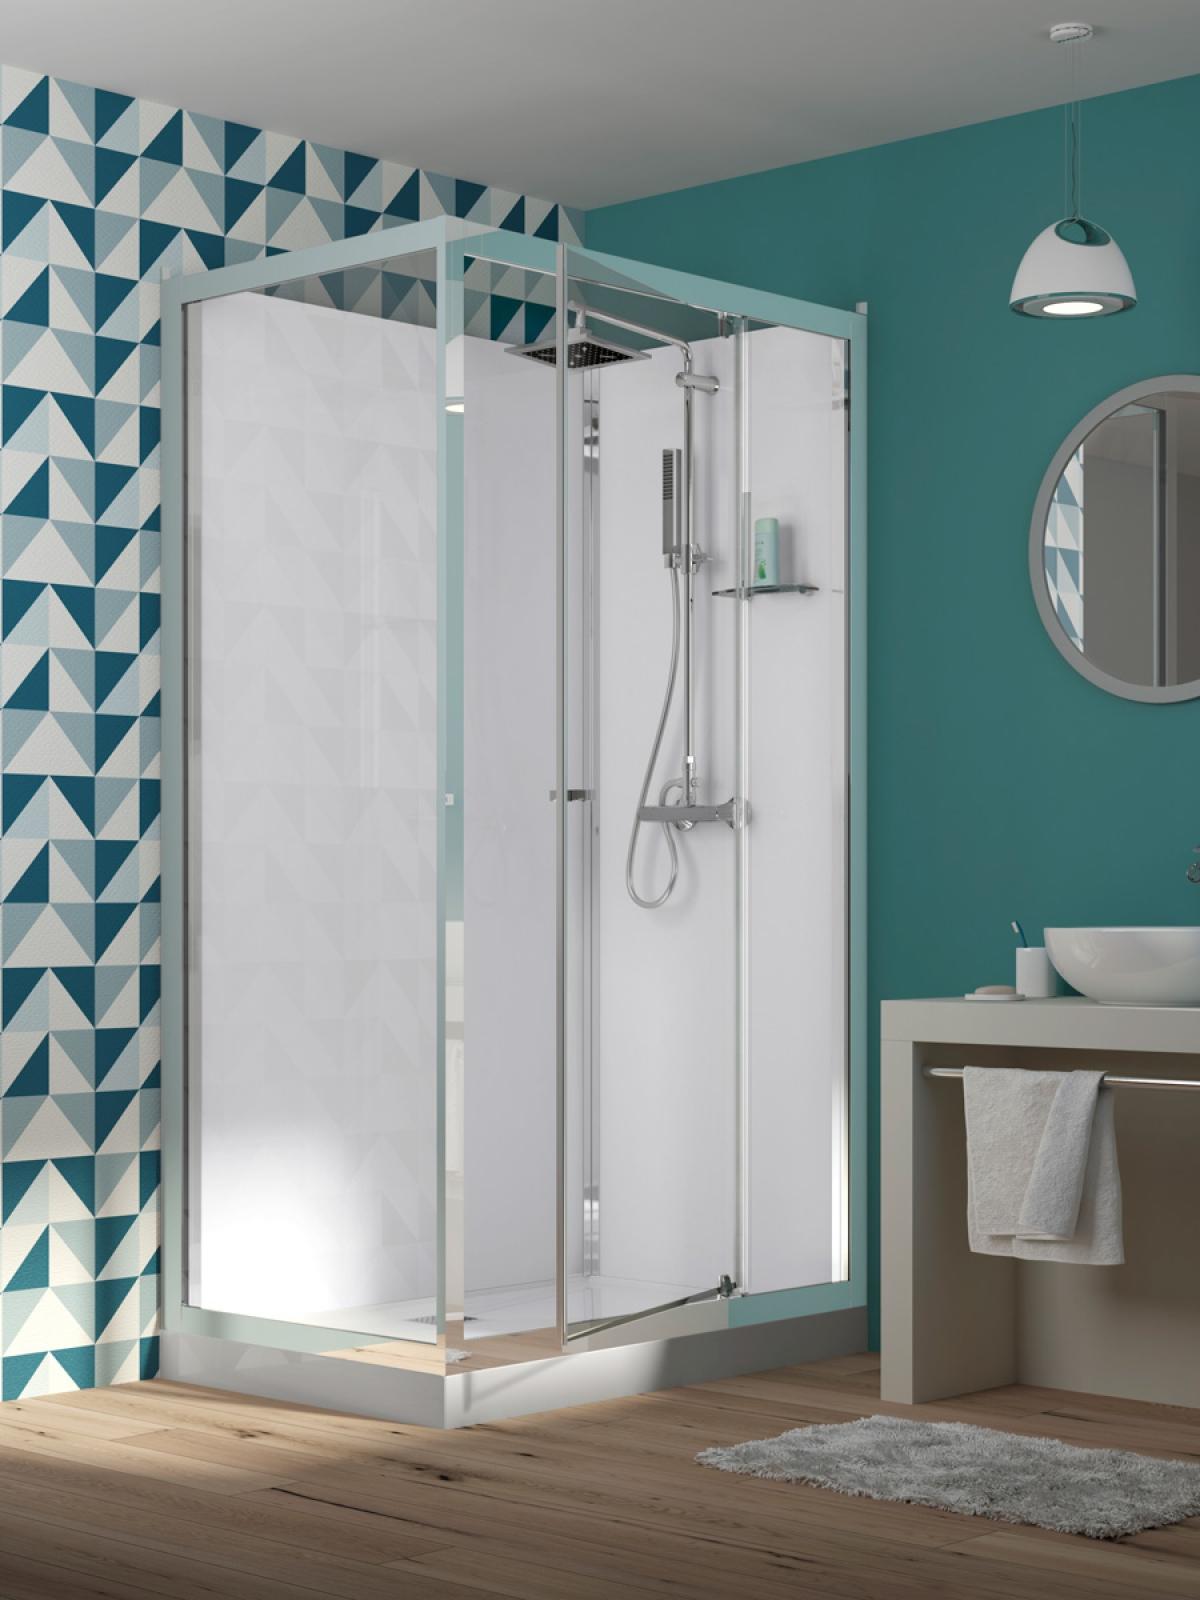 cabine de douche eden kinedo induscabel salle de bains chauffage et cuisine. Black Bedroom Furniture Sets. Home Design Ideas